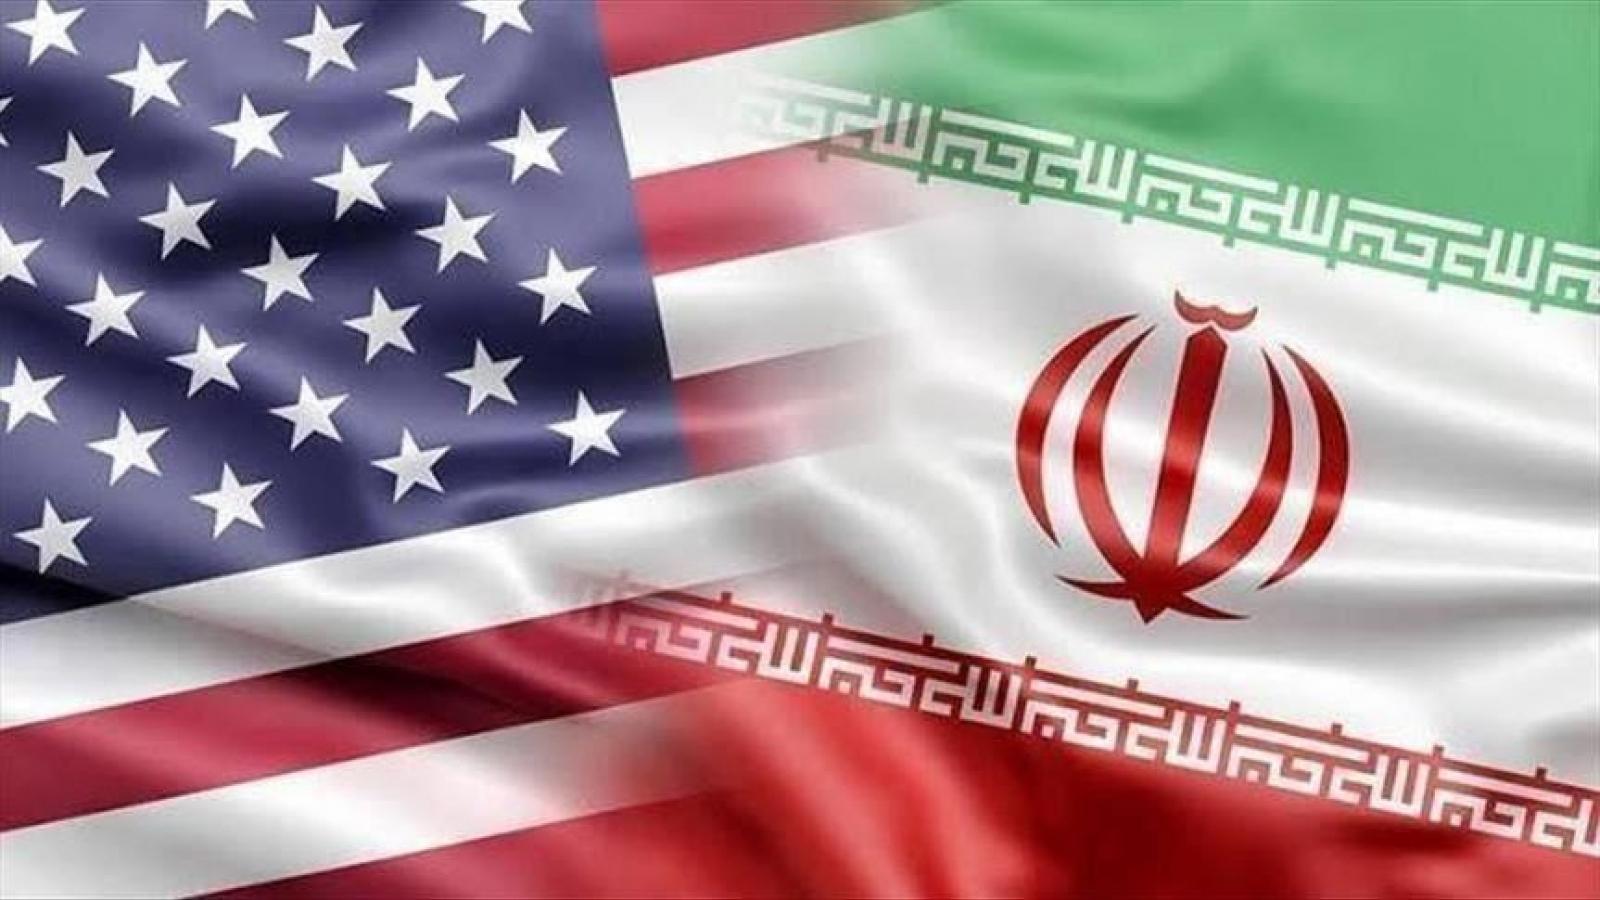 Mỹ khẳng định rõ cam kết, Iran từ chối đàm phán khi vẫn còn lệnh trừng phạt